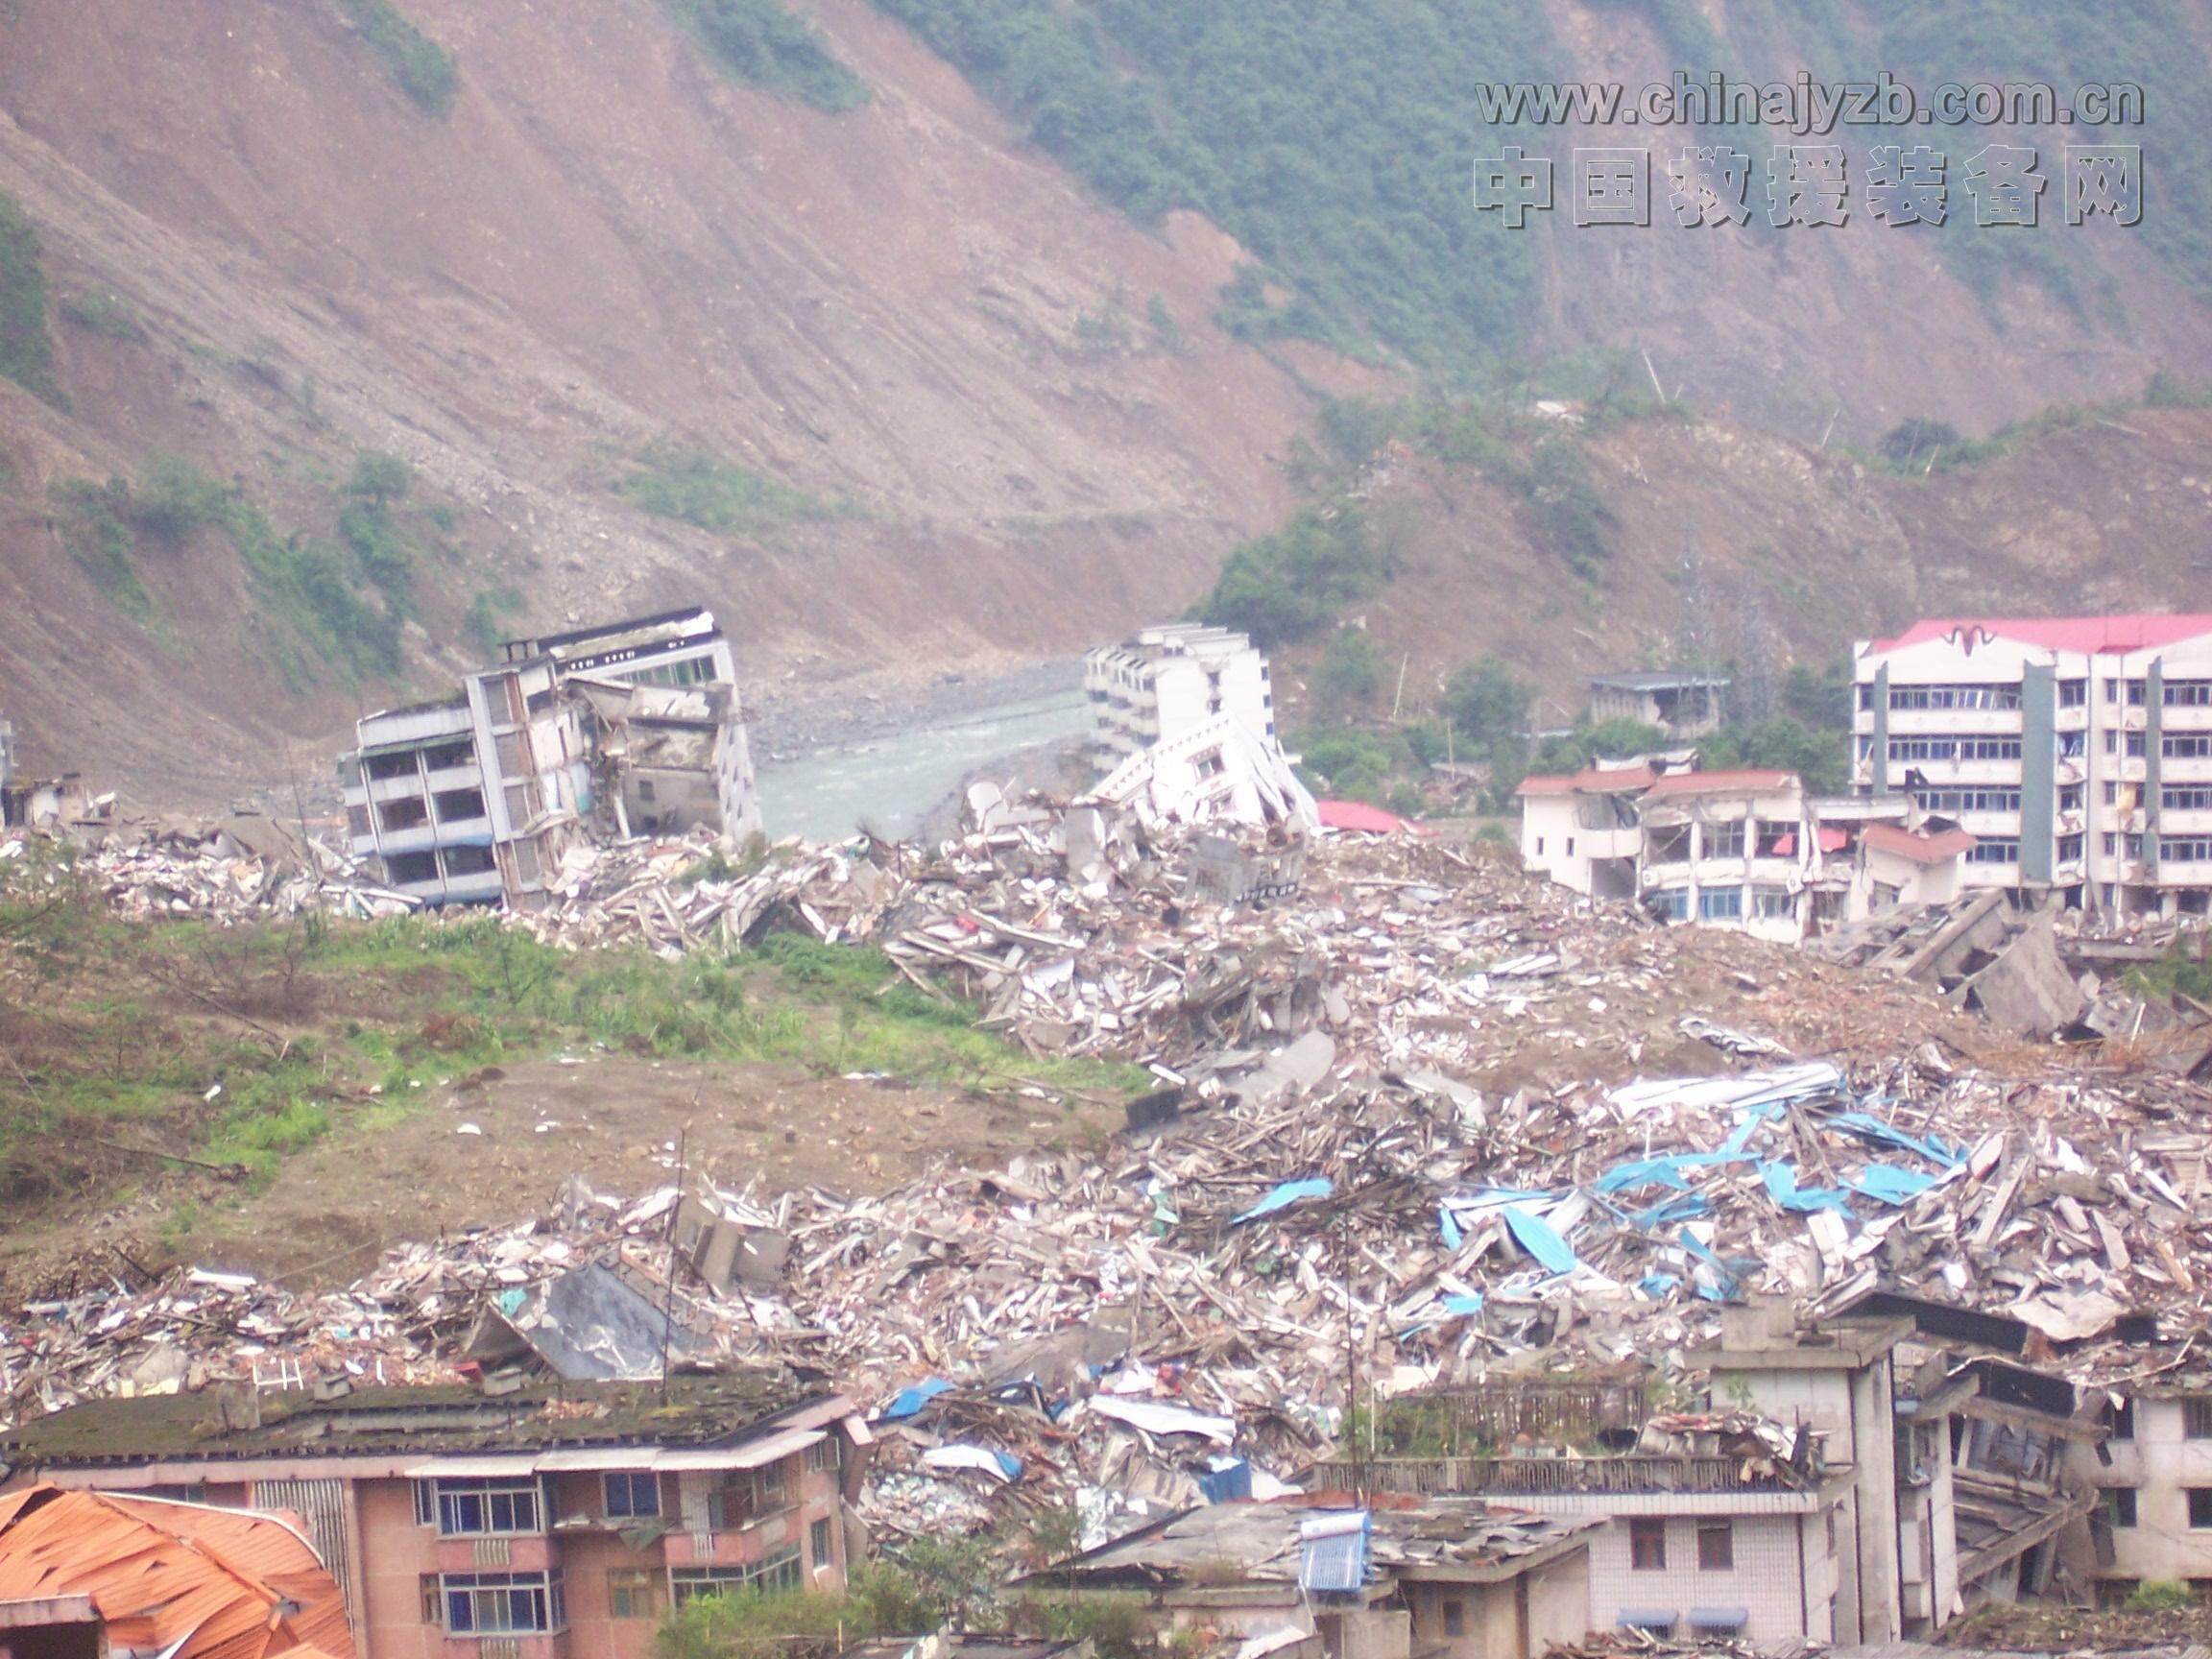 【独家报道】中国、墨西哥两国地震救援的发展